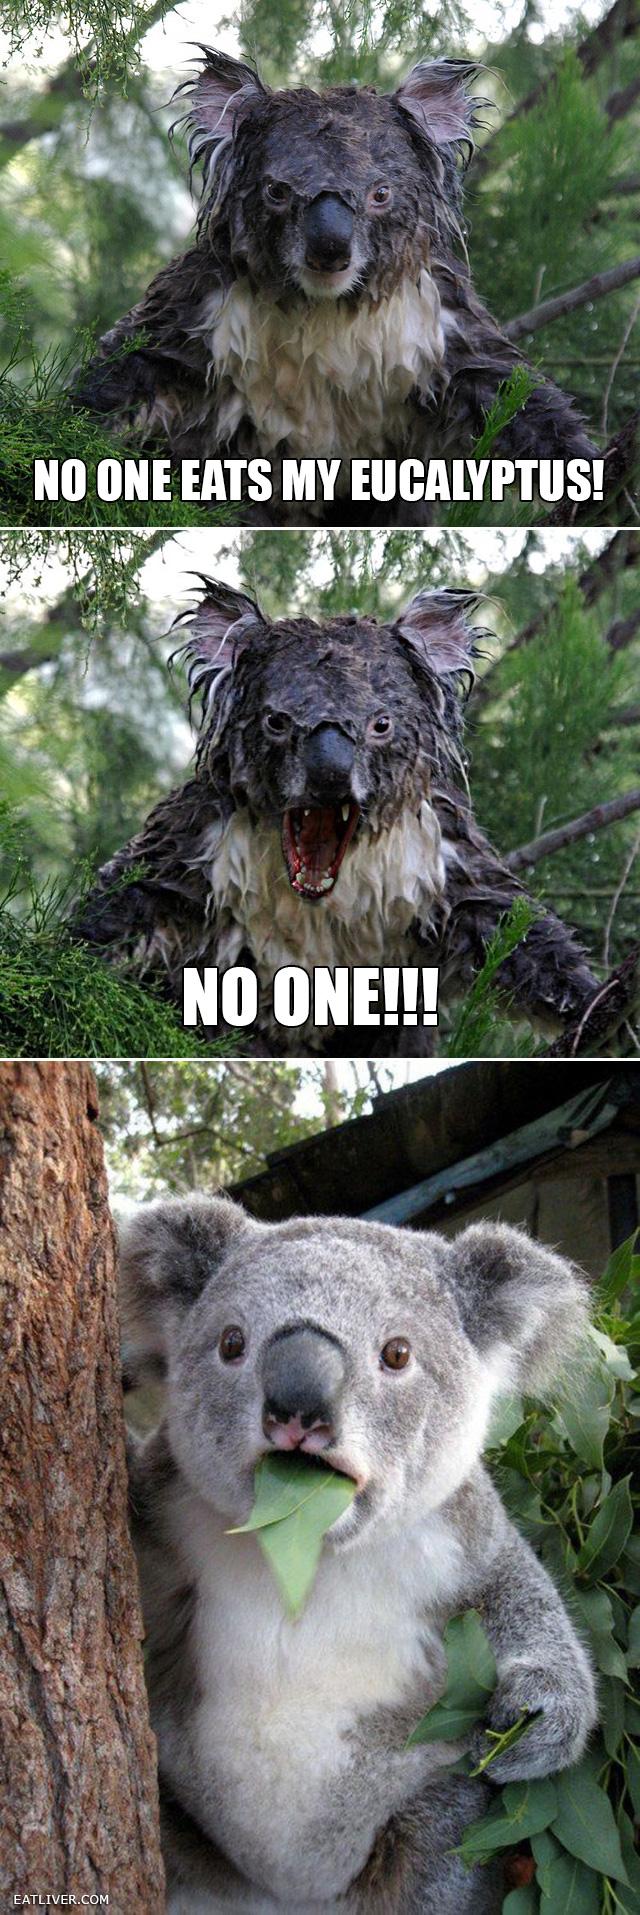 No one eats my eucalyptus! | Funny koala, Funny animals ...  Funny Koala Memes